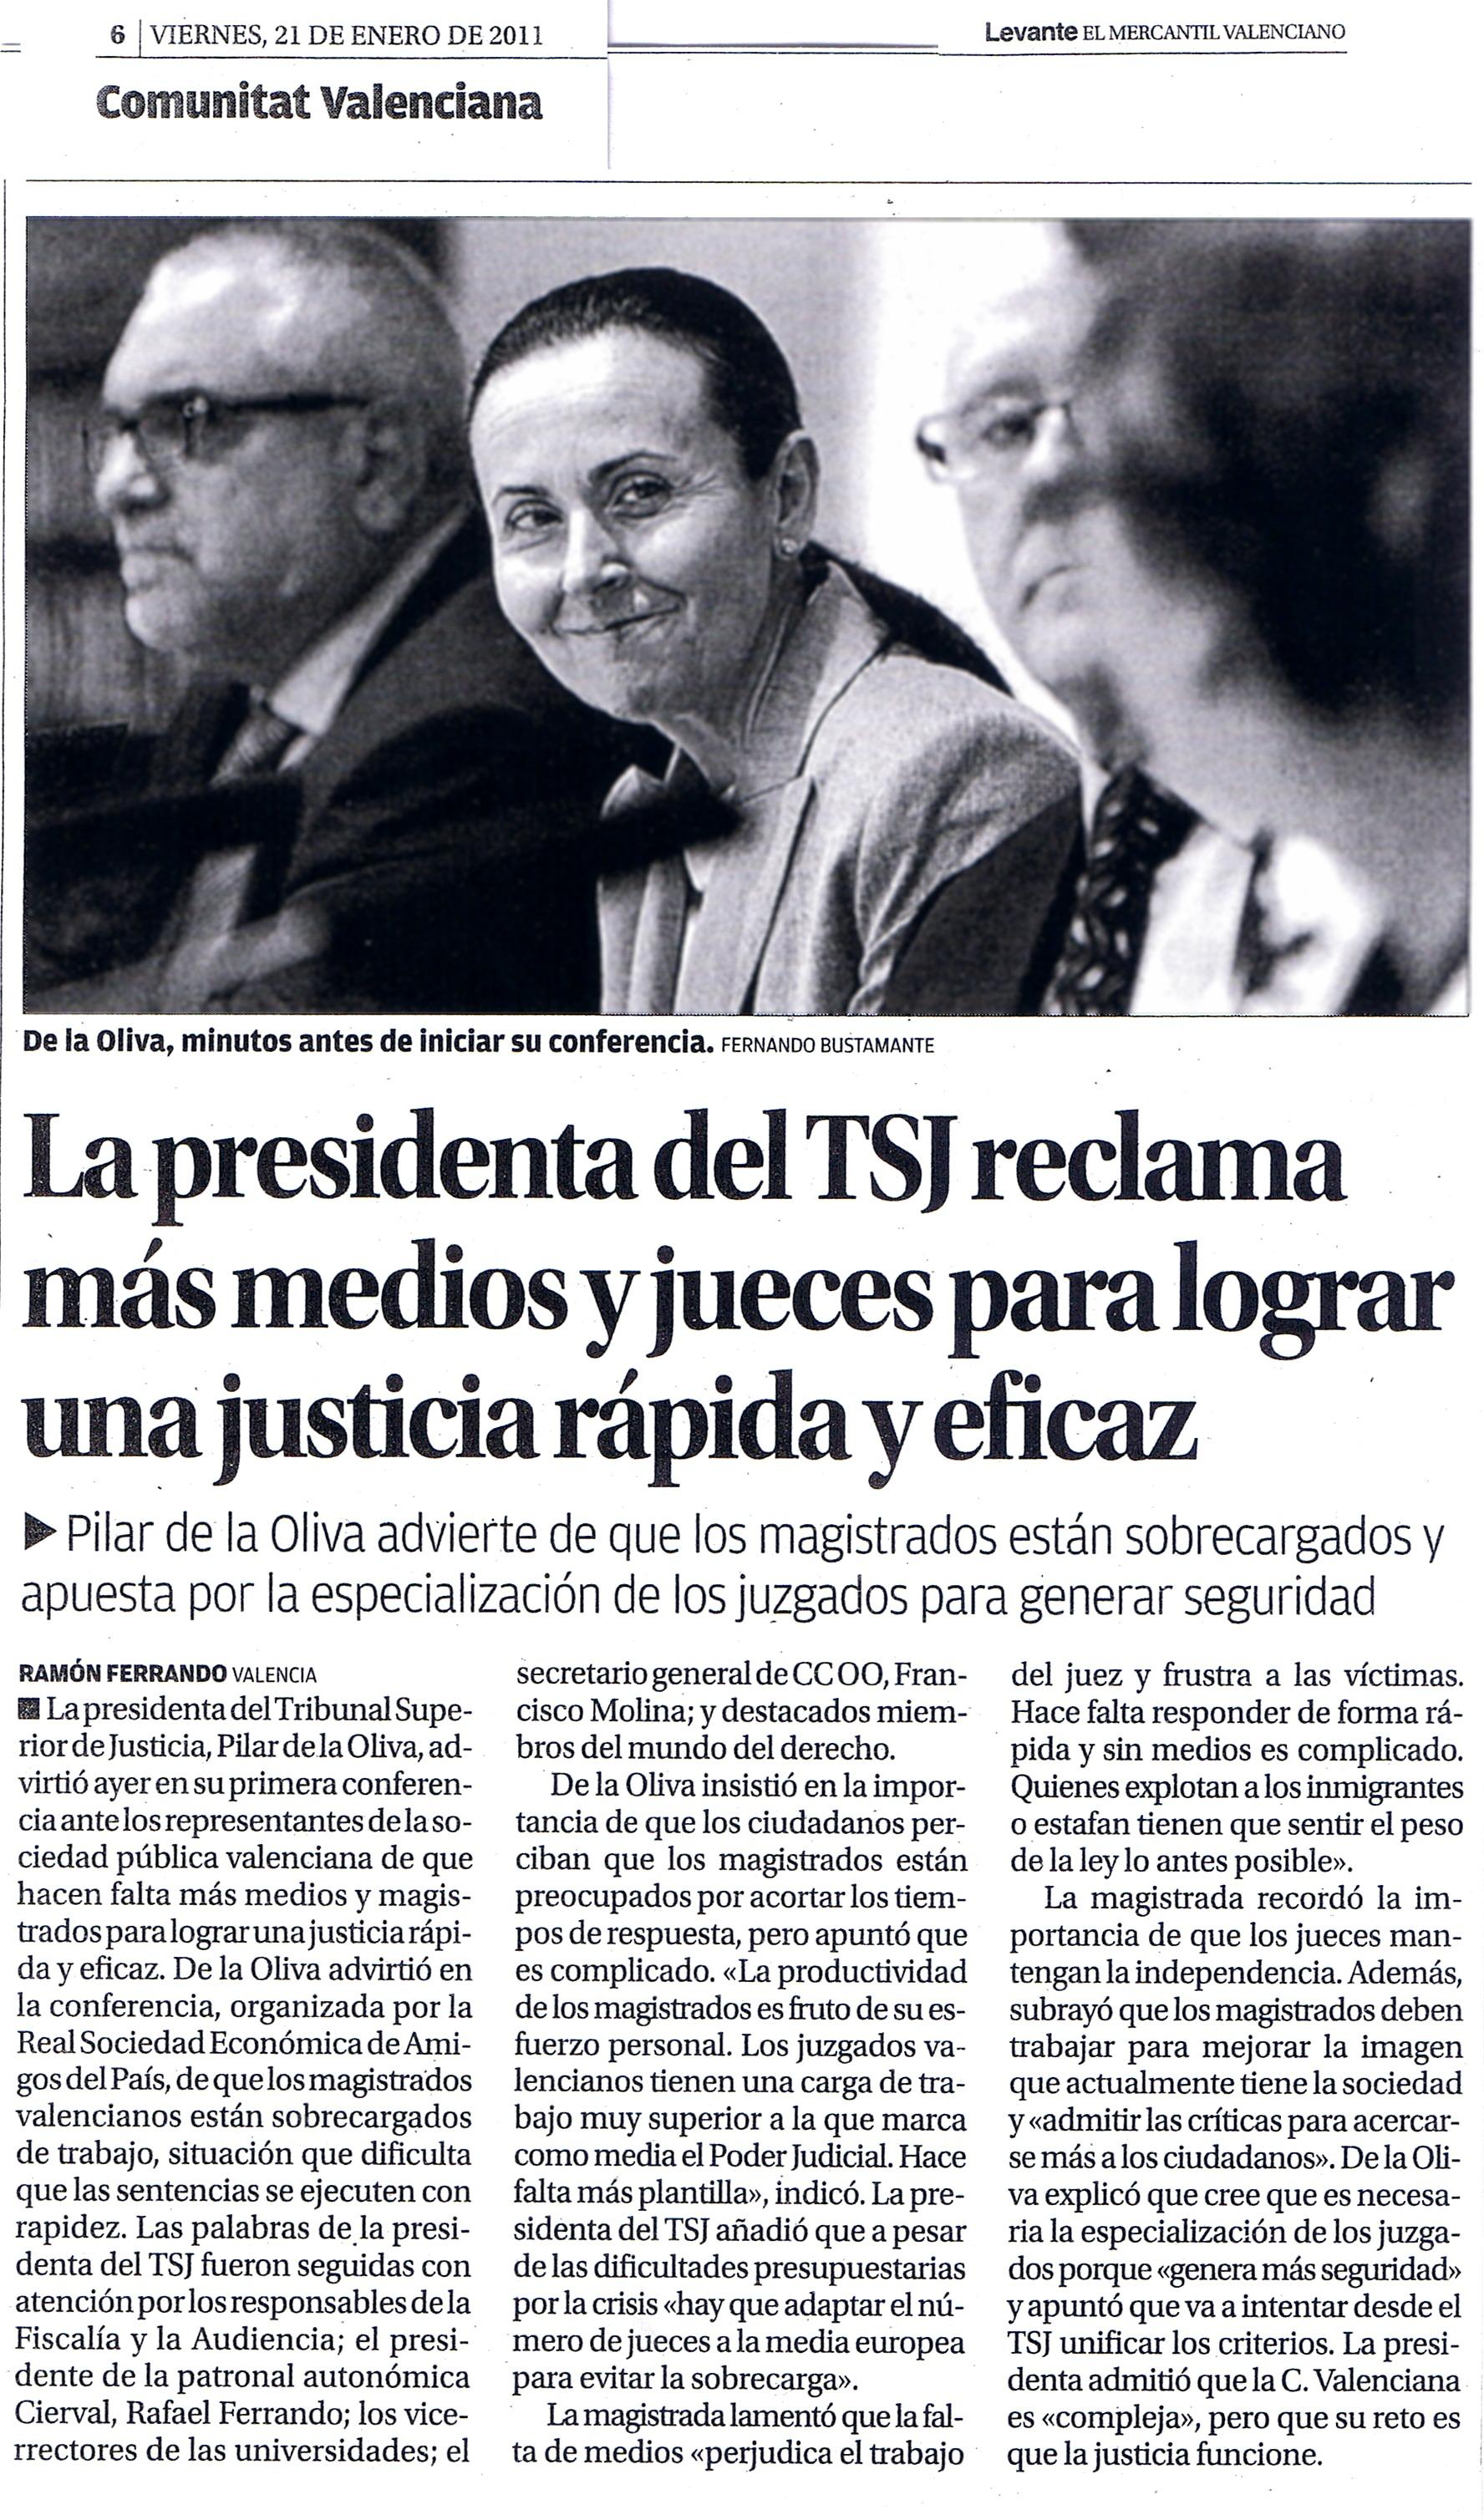 Noticias rseap - Periodico levante el mercantil valenciano ...